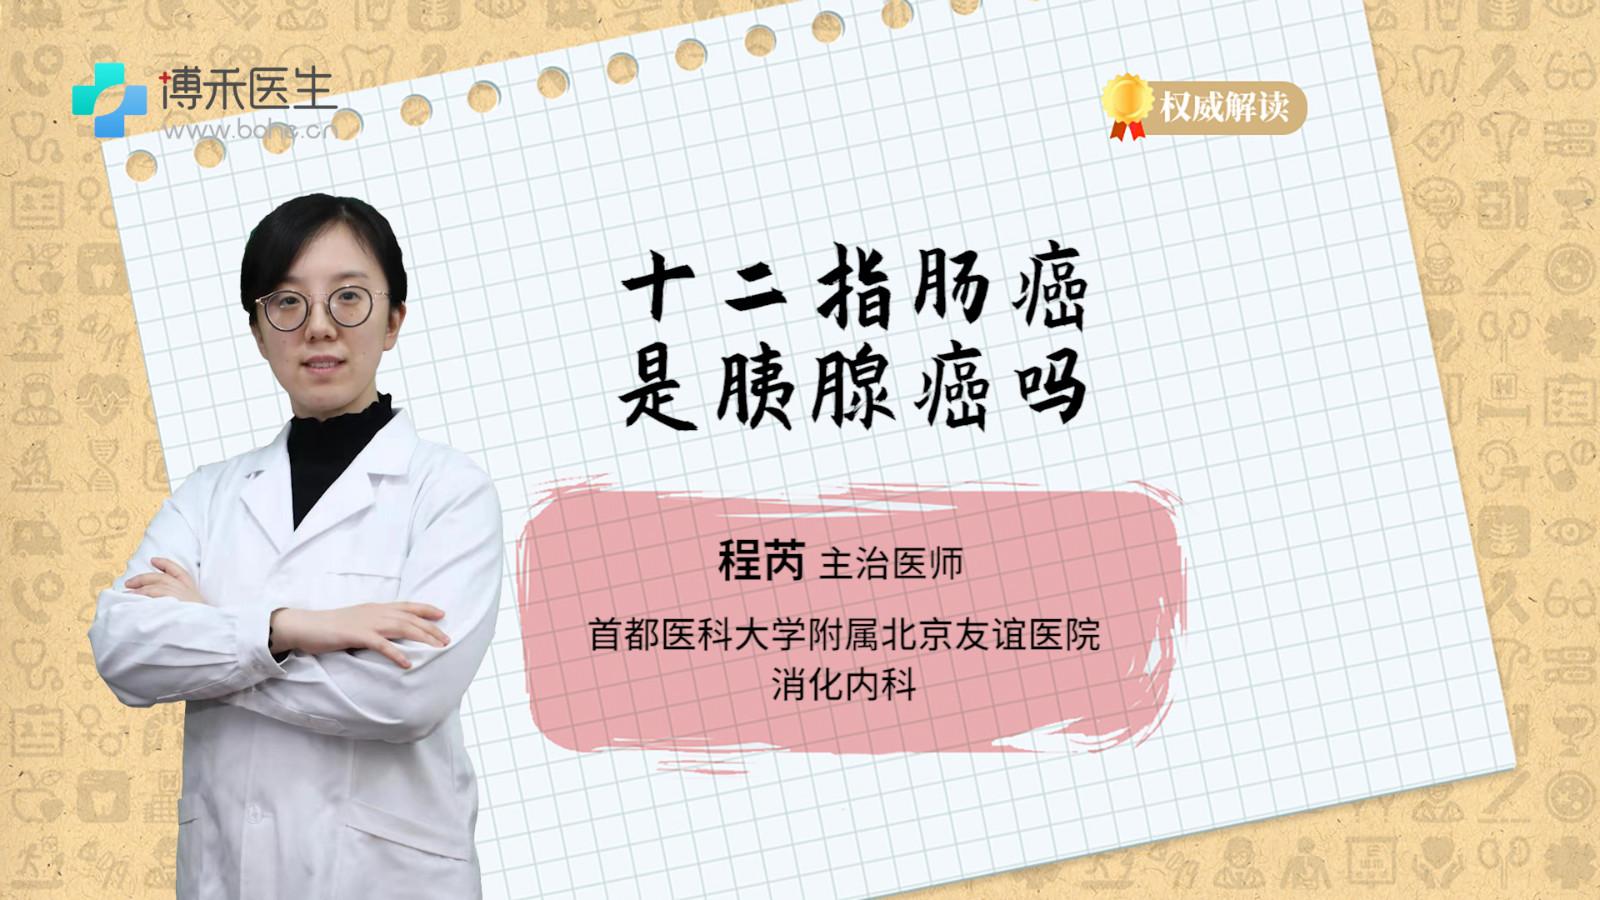 十二指腸癌是胰腺癌嗎